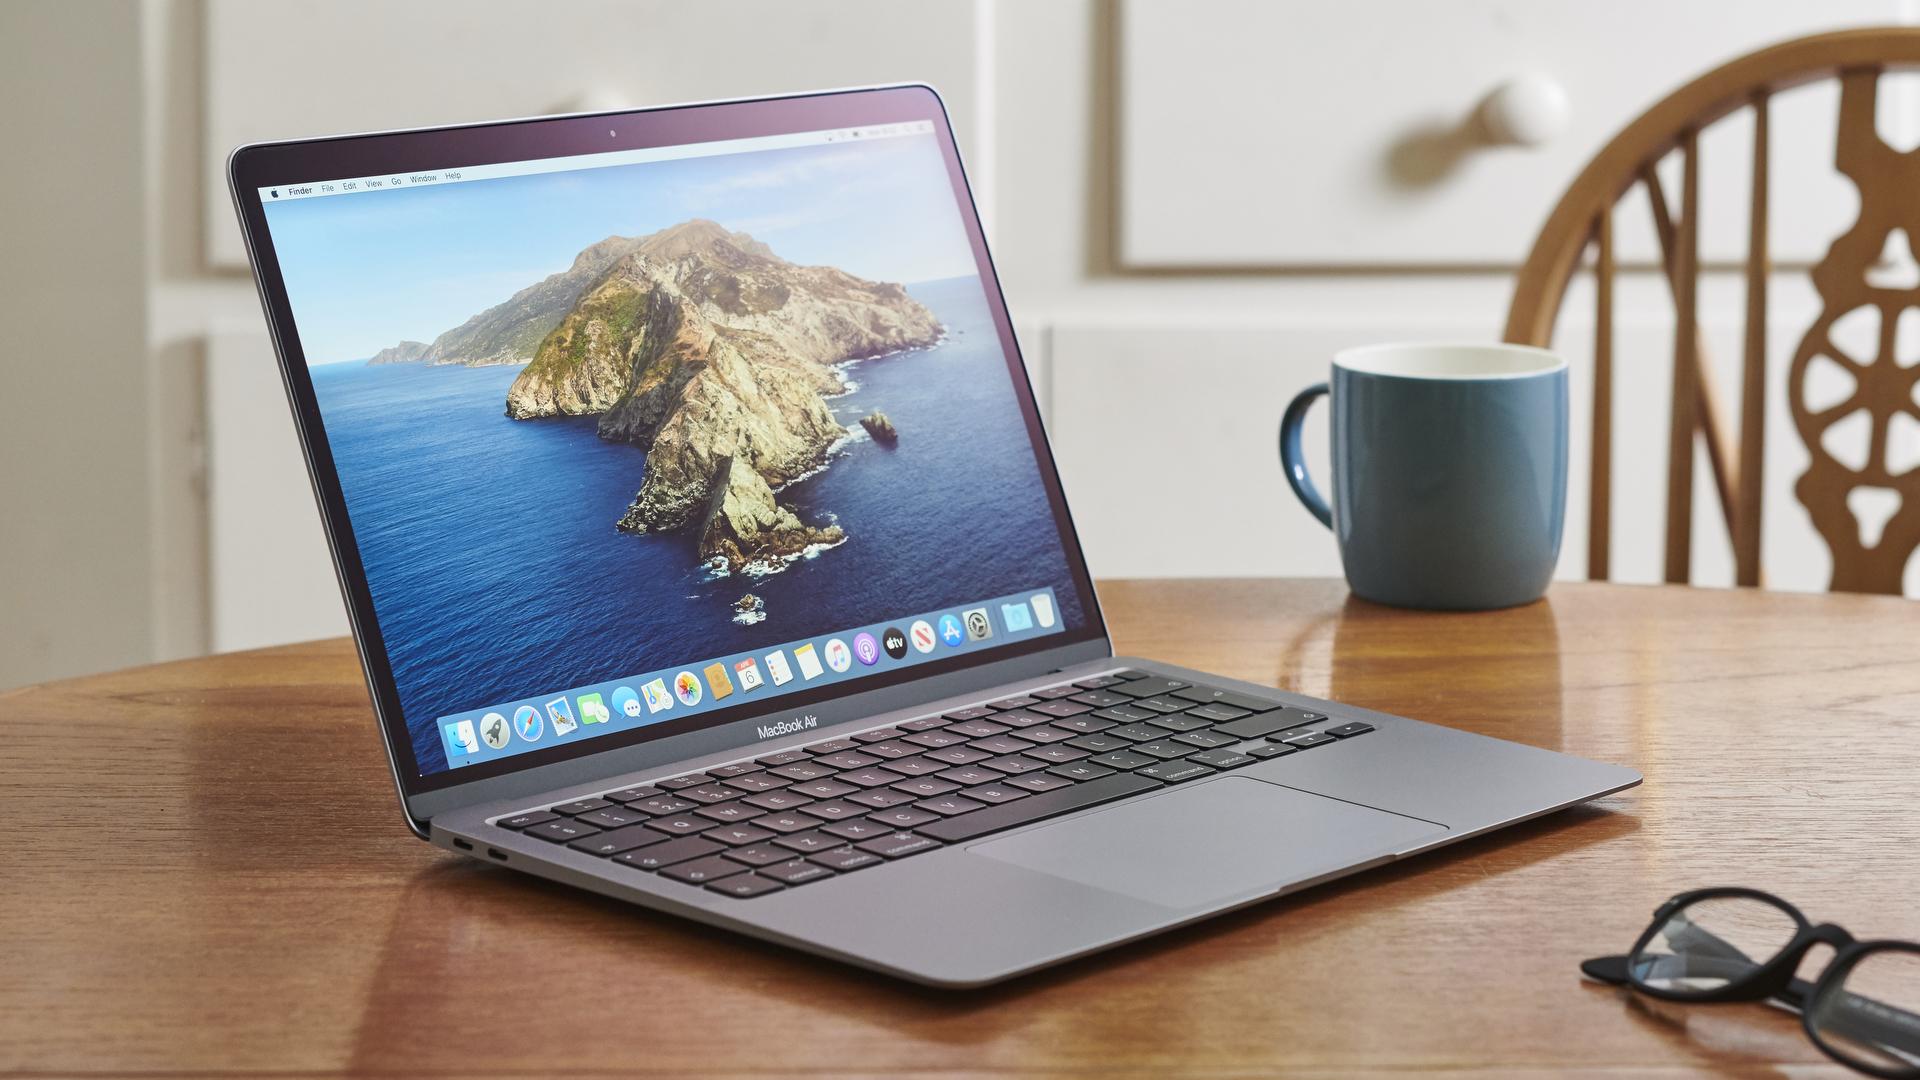 #2021 Khi nào nên thay thế chiếc MacBook của bạn? – Maclife